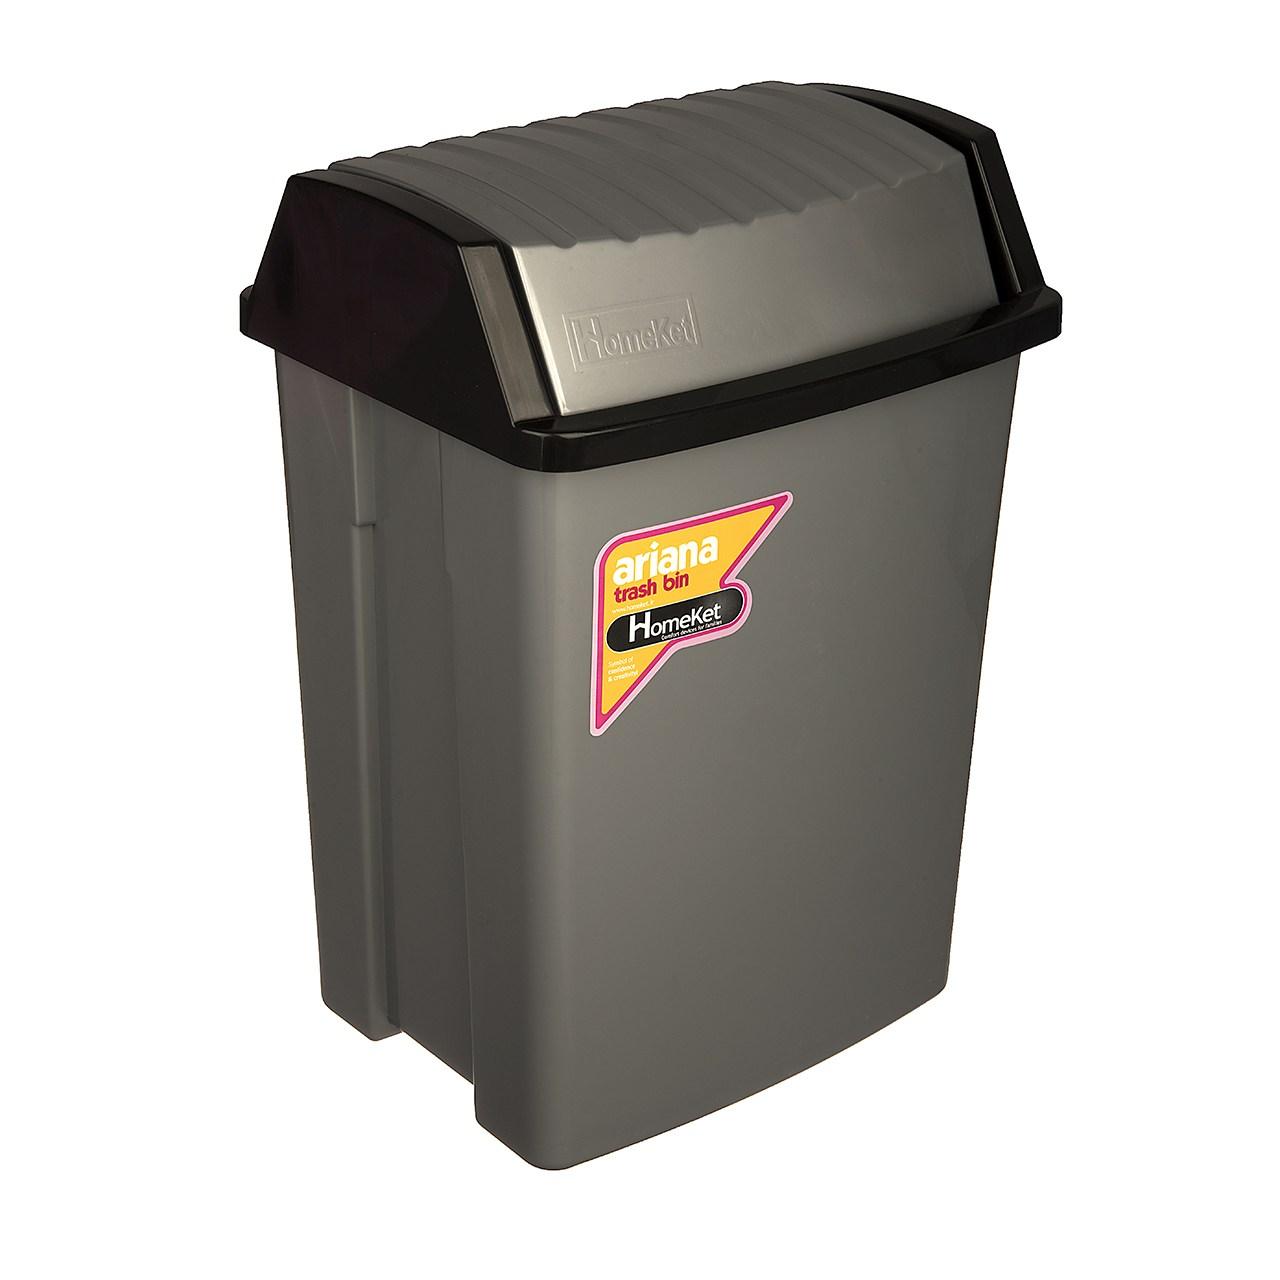 سطل زباله هوم کت مدل Ariana 2802